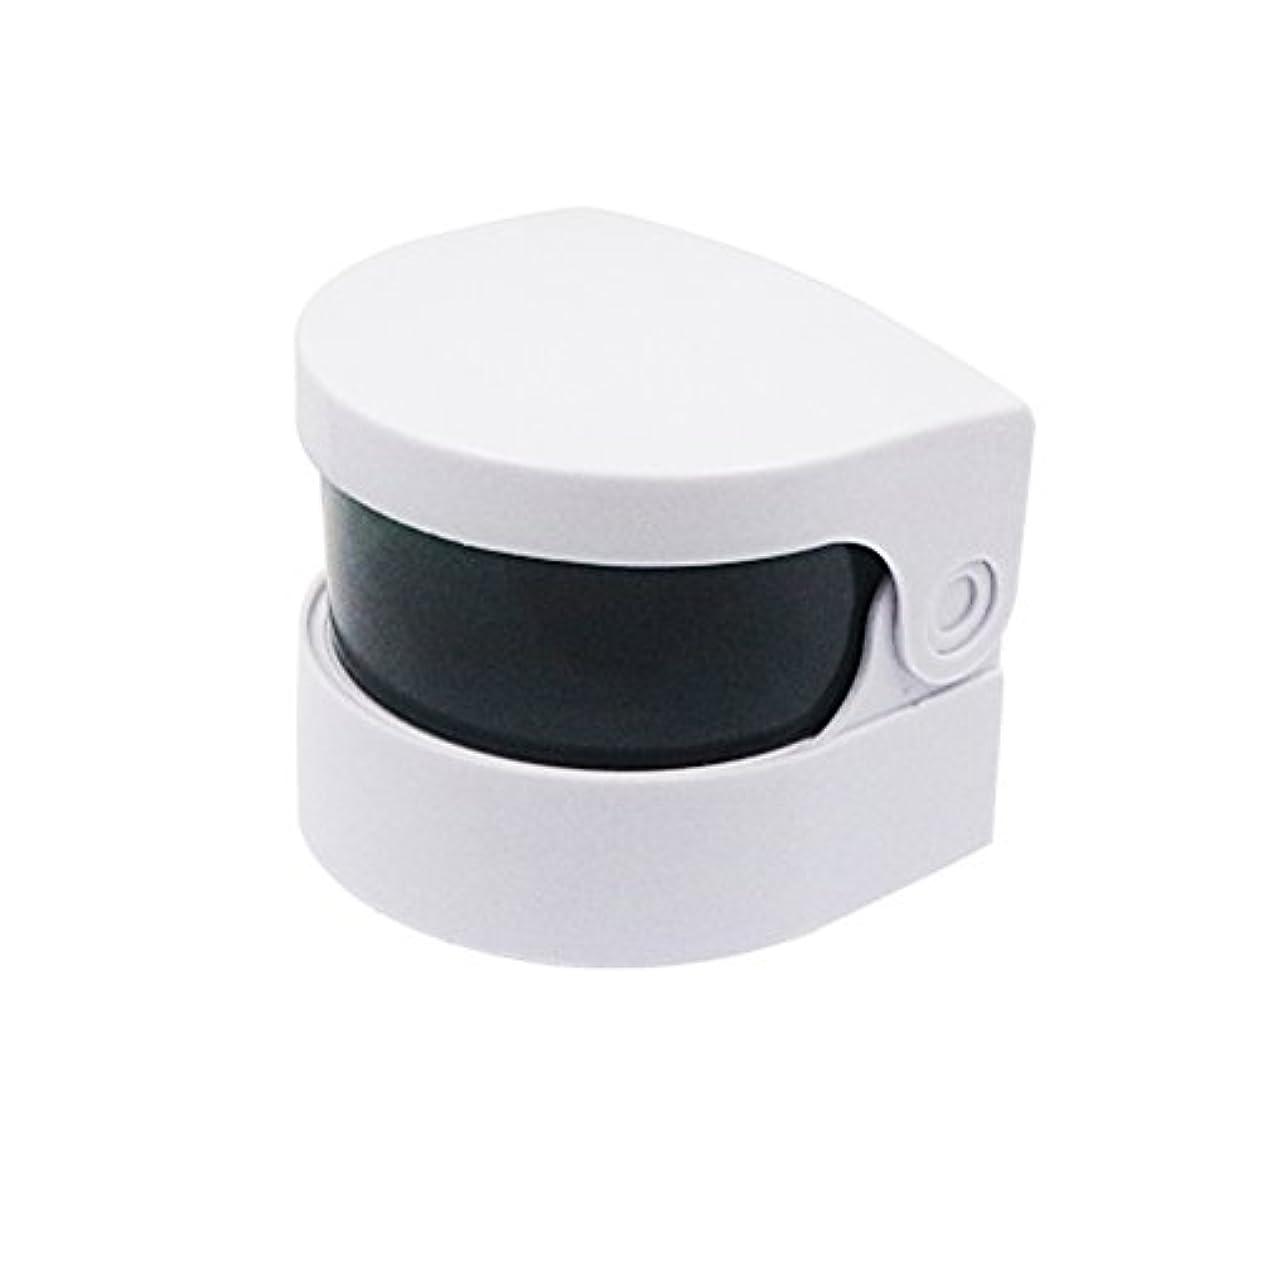 サドル偽装するストライプHealifty 超音波クリーナー義歯クリーナーバスジュエリー時計用クリーニングマシンメガネコイン(ホワイト)